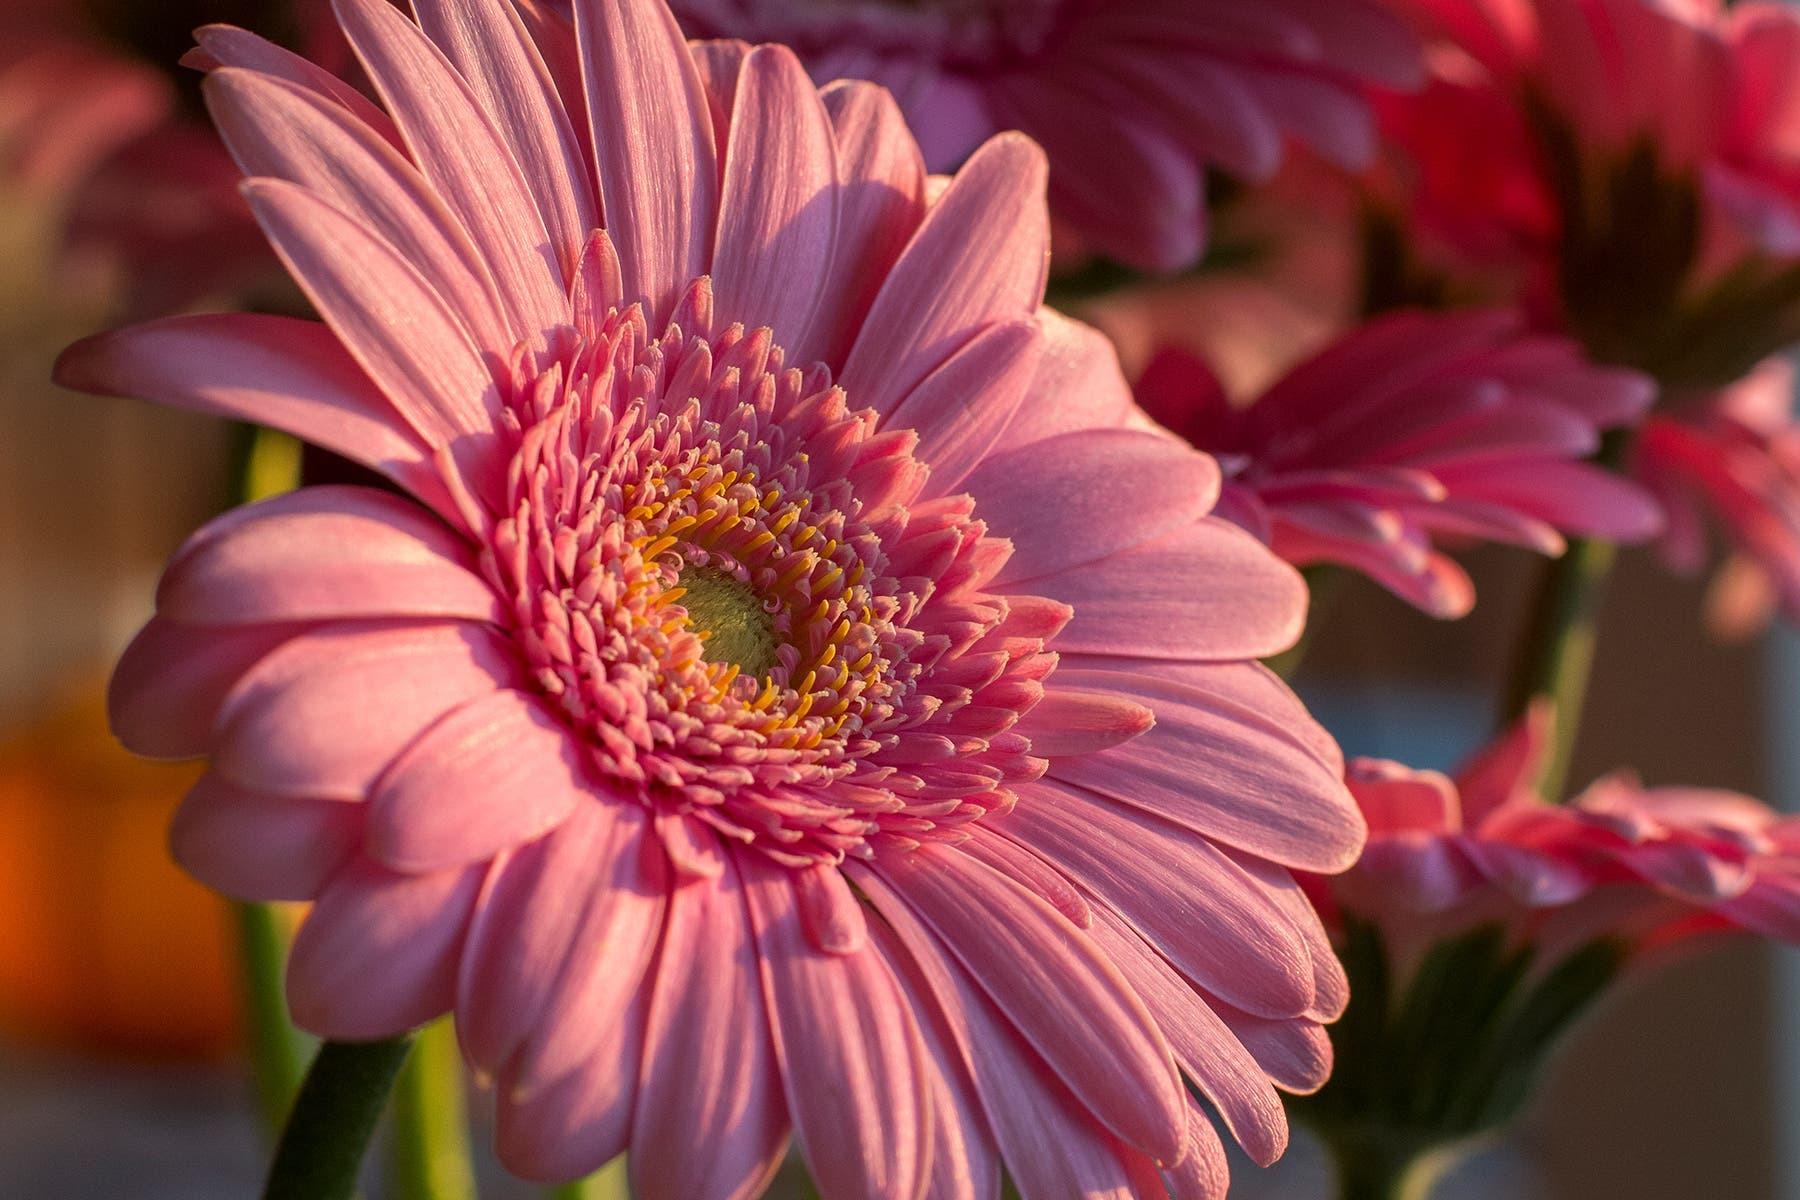 ۱۲ فایده گیاهان خانگی برای سلامتی